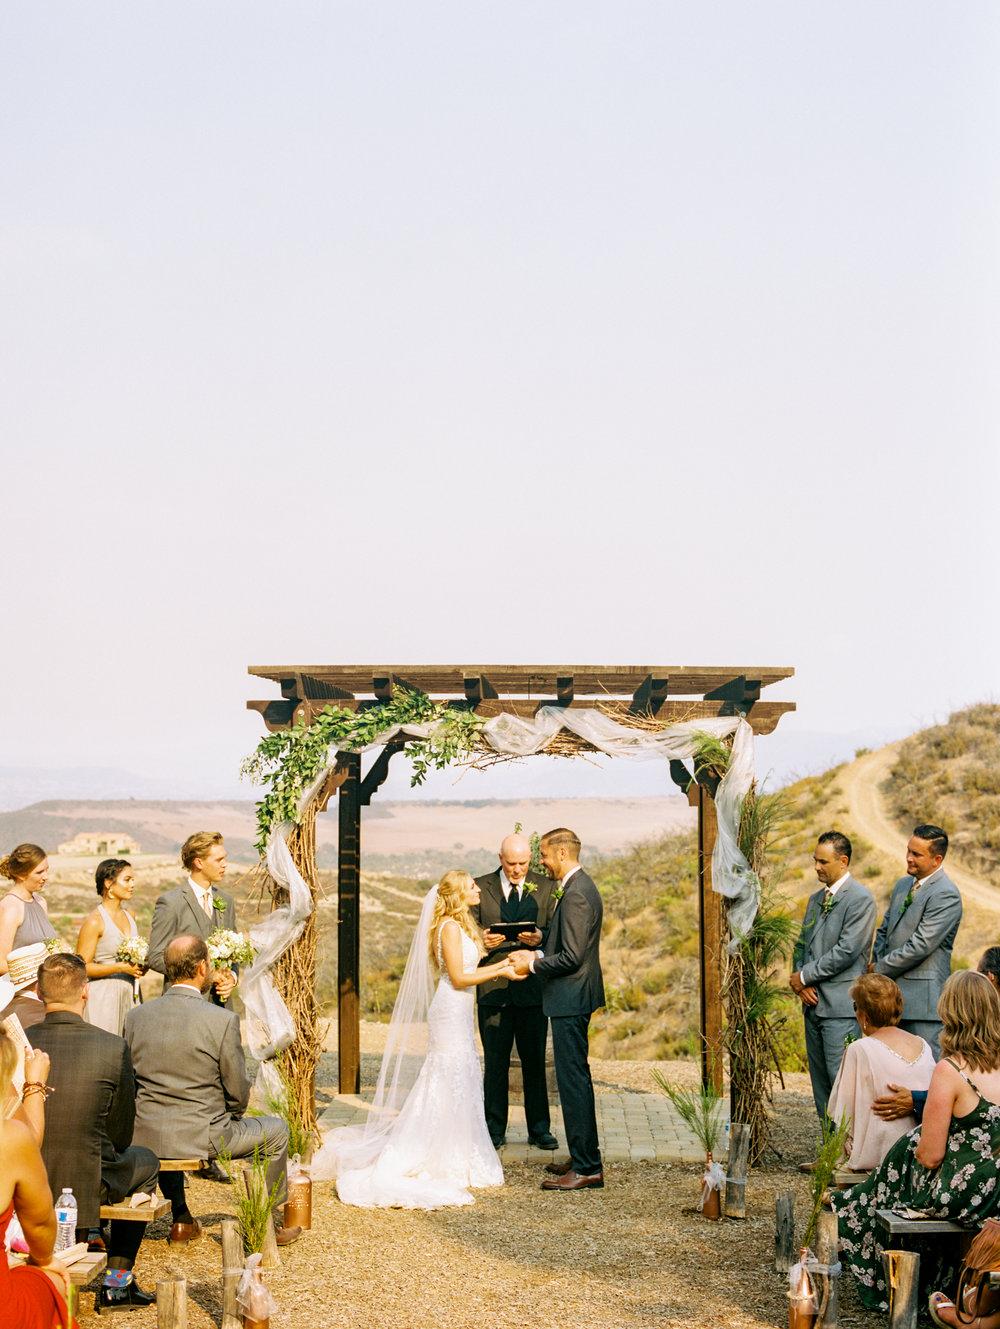 dennisroycoronel_ashleyanthony_vanessahudgens_austinbutler_wedding_losangeles_photographer-124.jpg